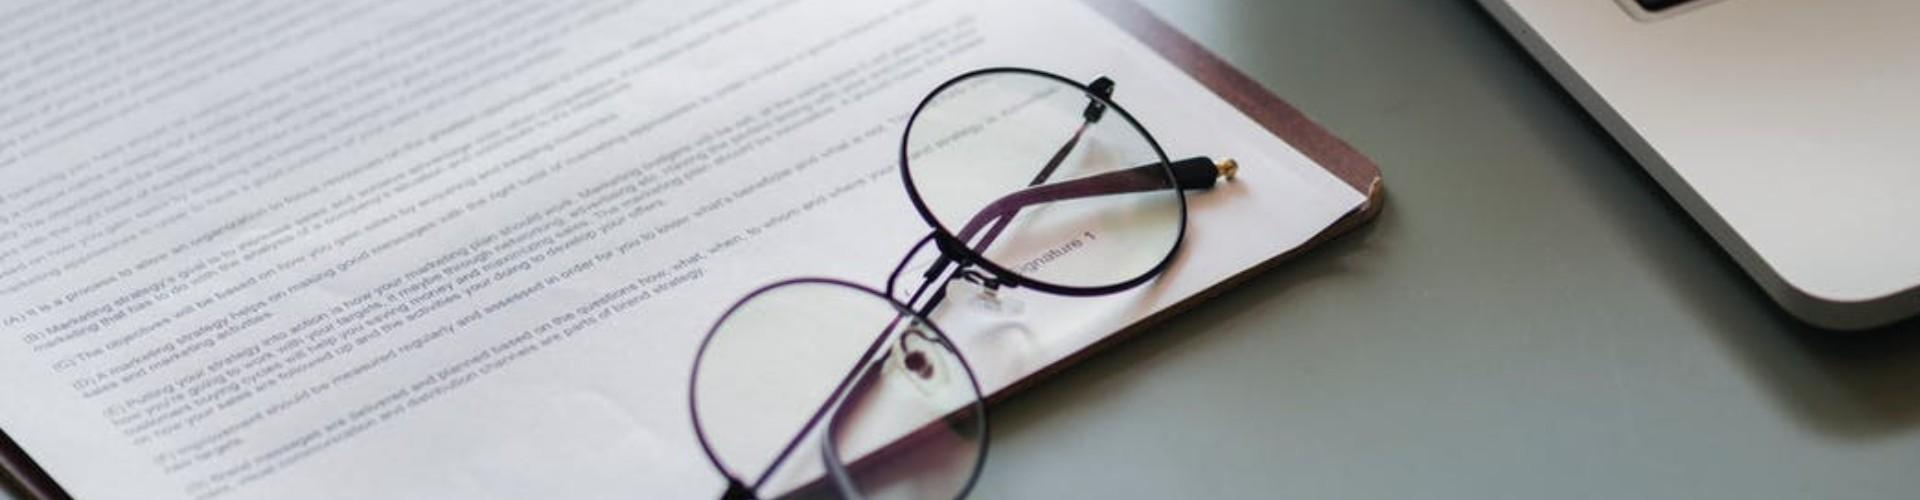 Aneks do umowy o pracę [wzór]: zmiana pensji lub stanowiska